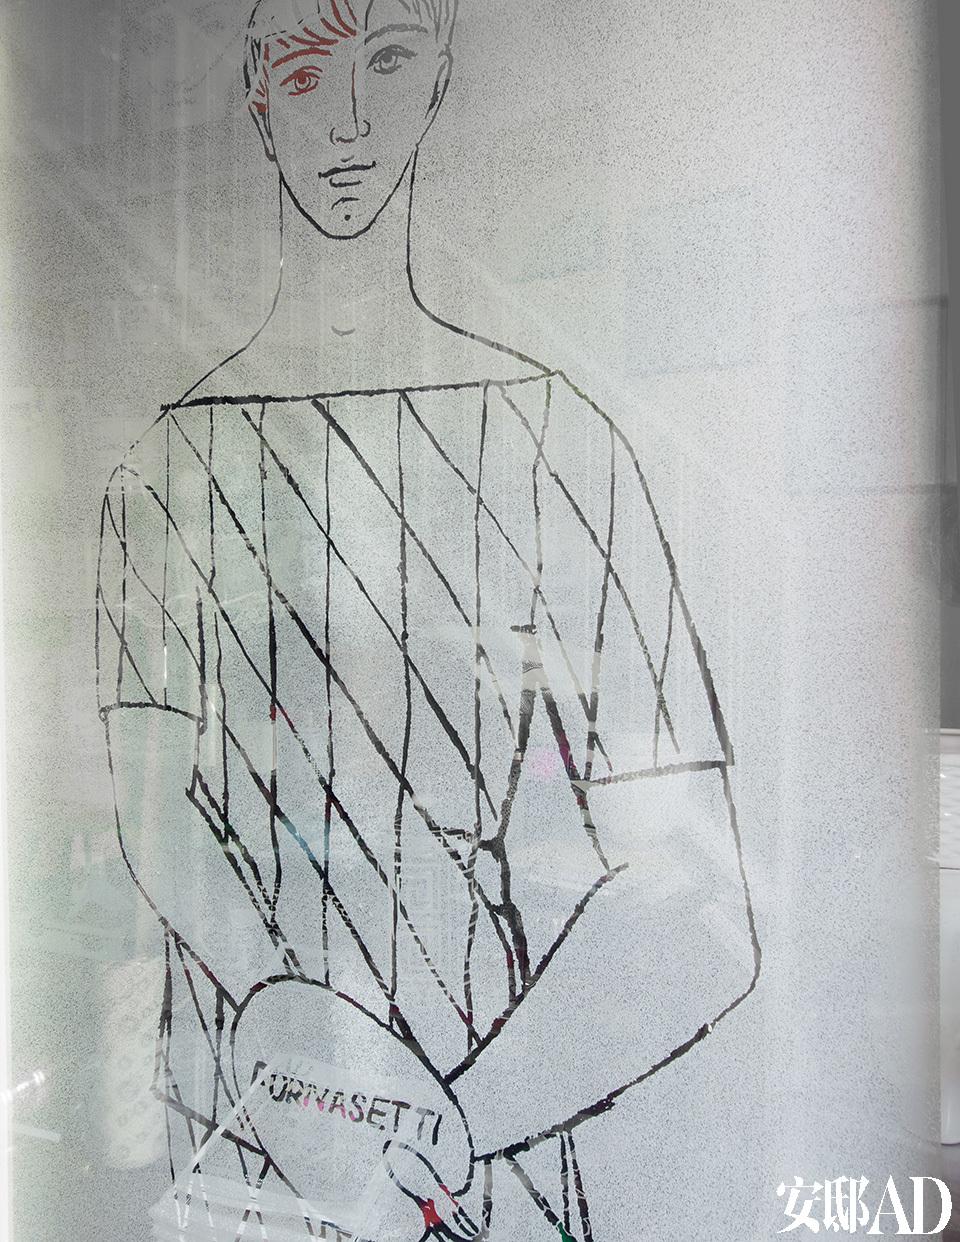 米兰家的入口处。钢化玻璃上是被蚀刻的图案Arlecchino con tavolozza。